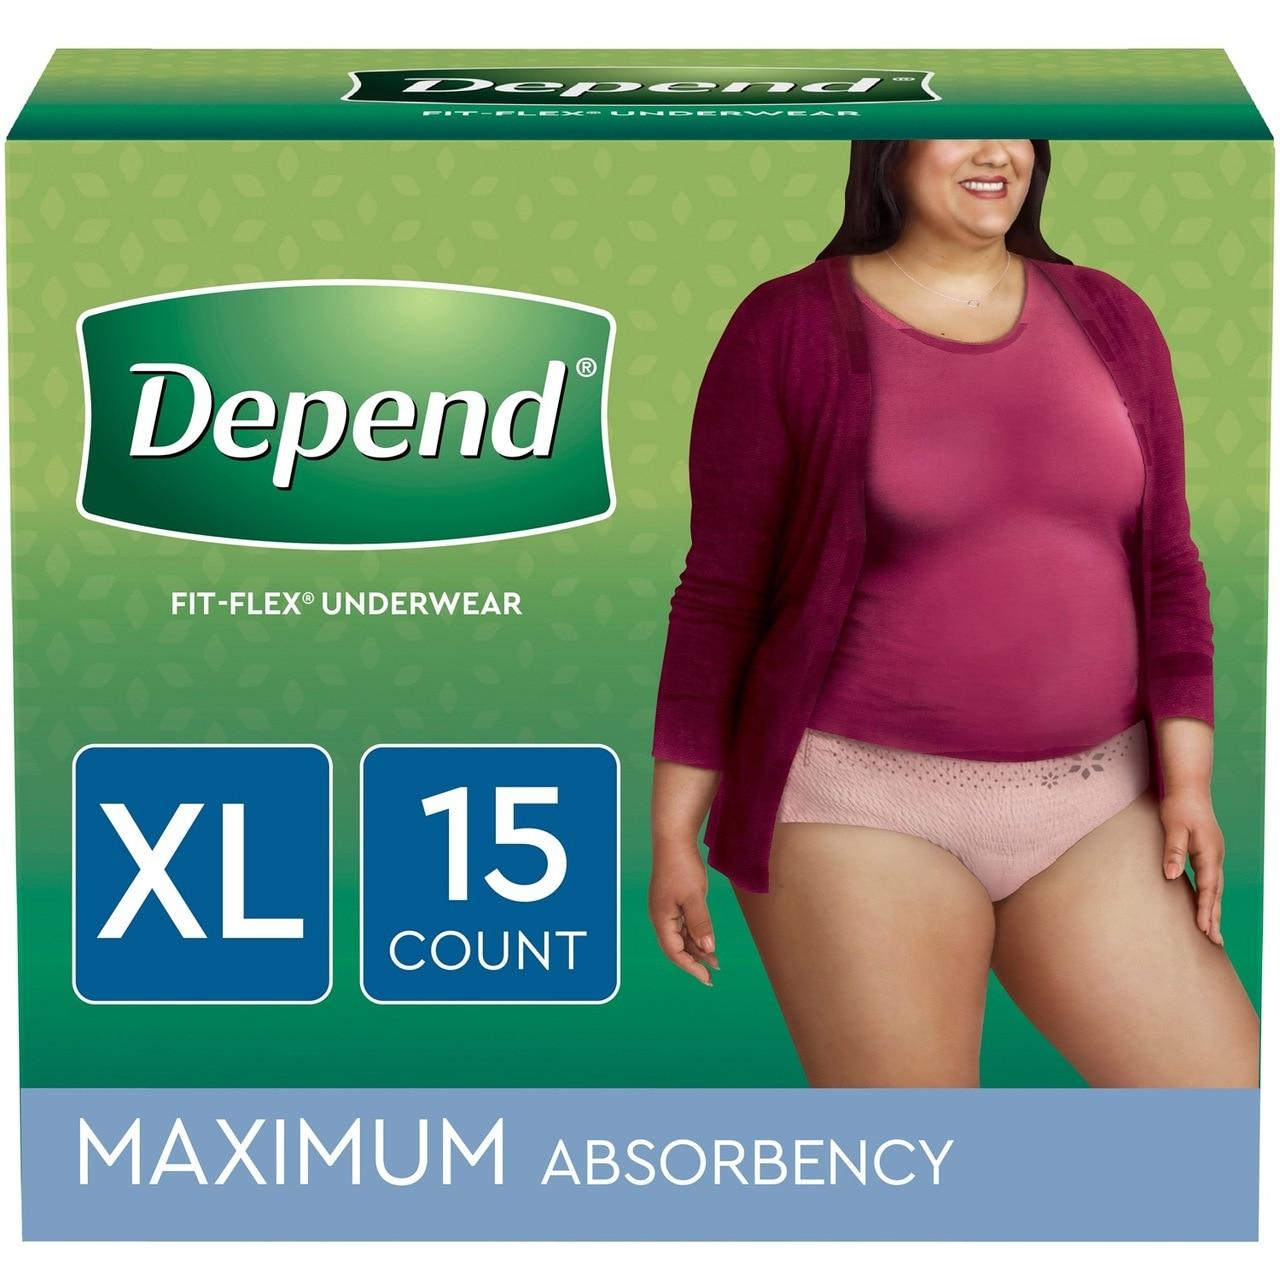 Depend fit flex underwear